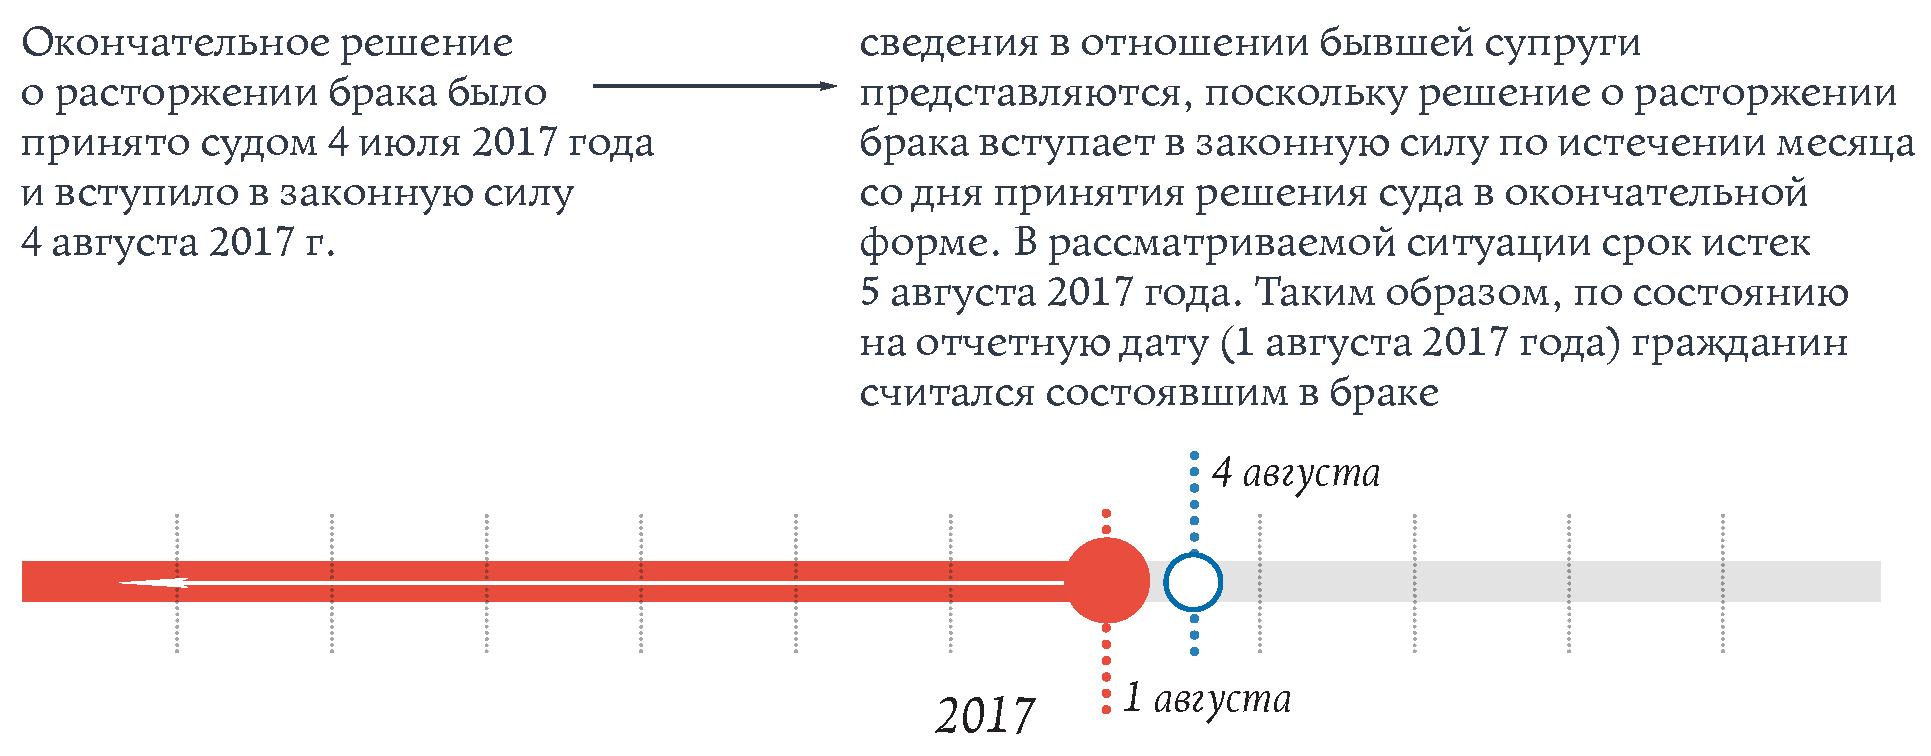 Образец сопроводительного письма к договору на подпись отправленного по почте